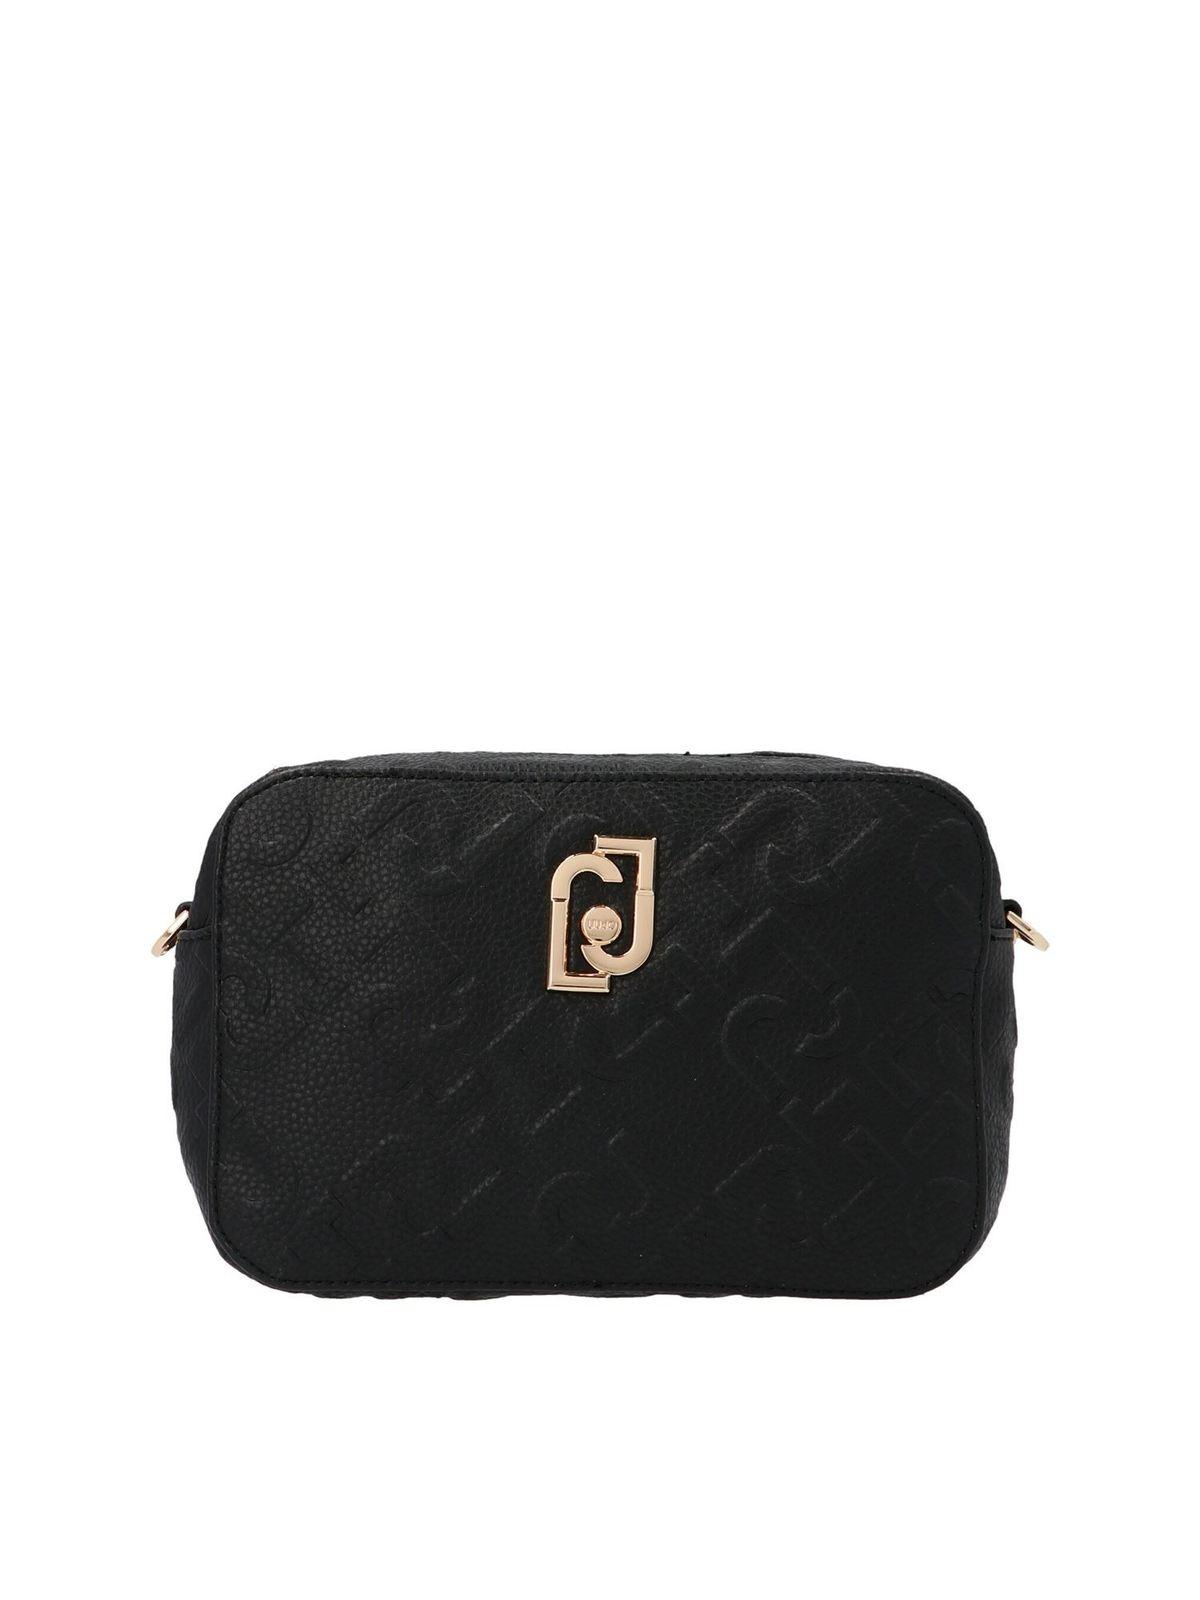 Liu •jo Crossbody bags S CROSSBODY CROSSBODY BAG IN BLACK